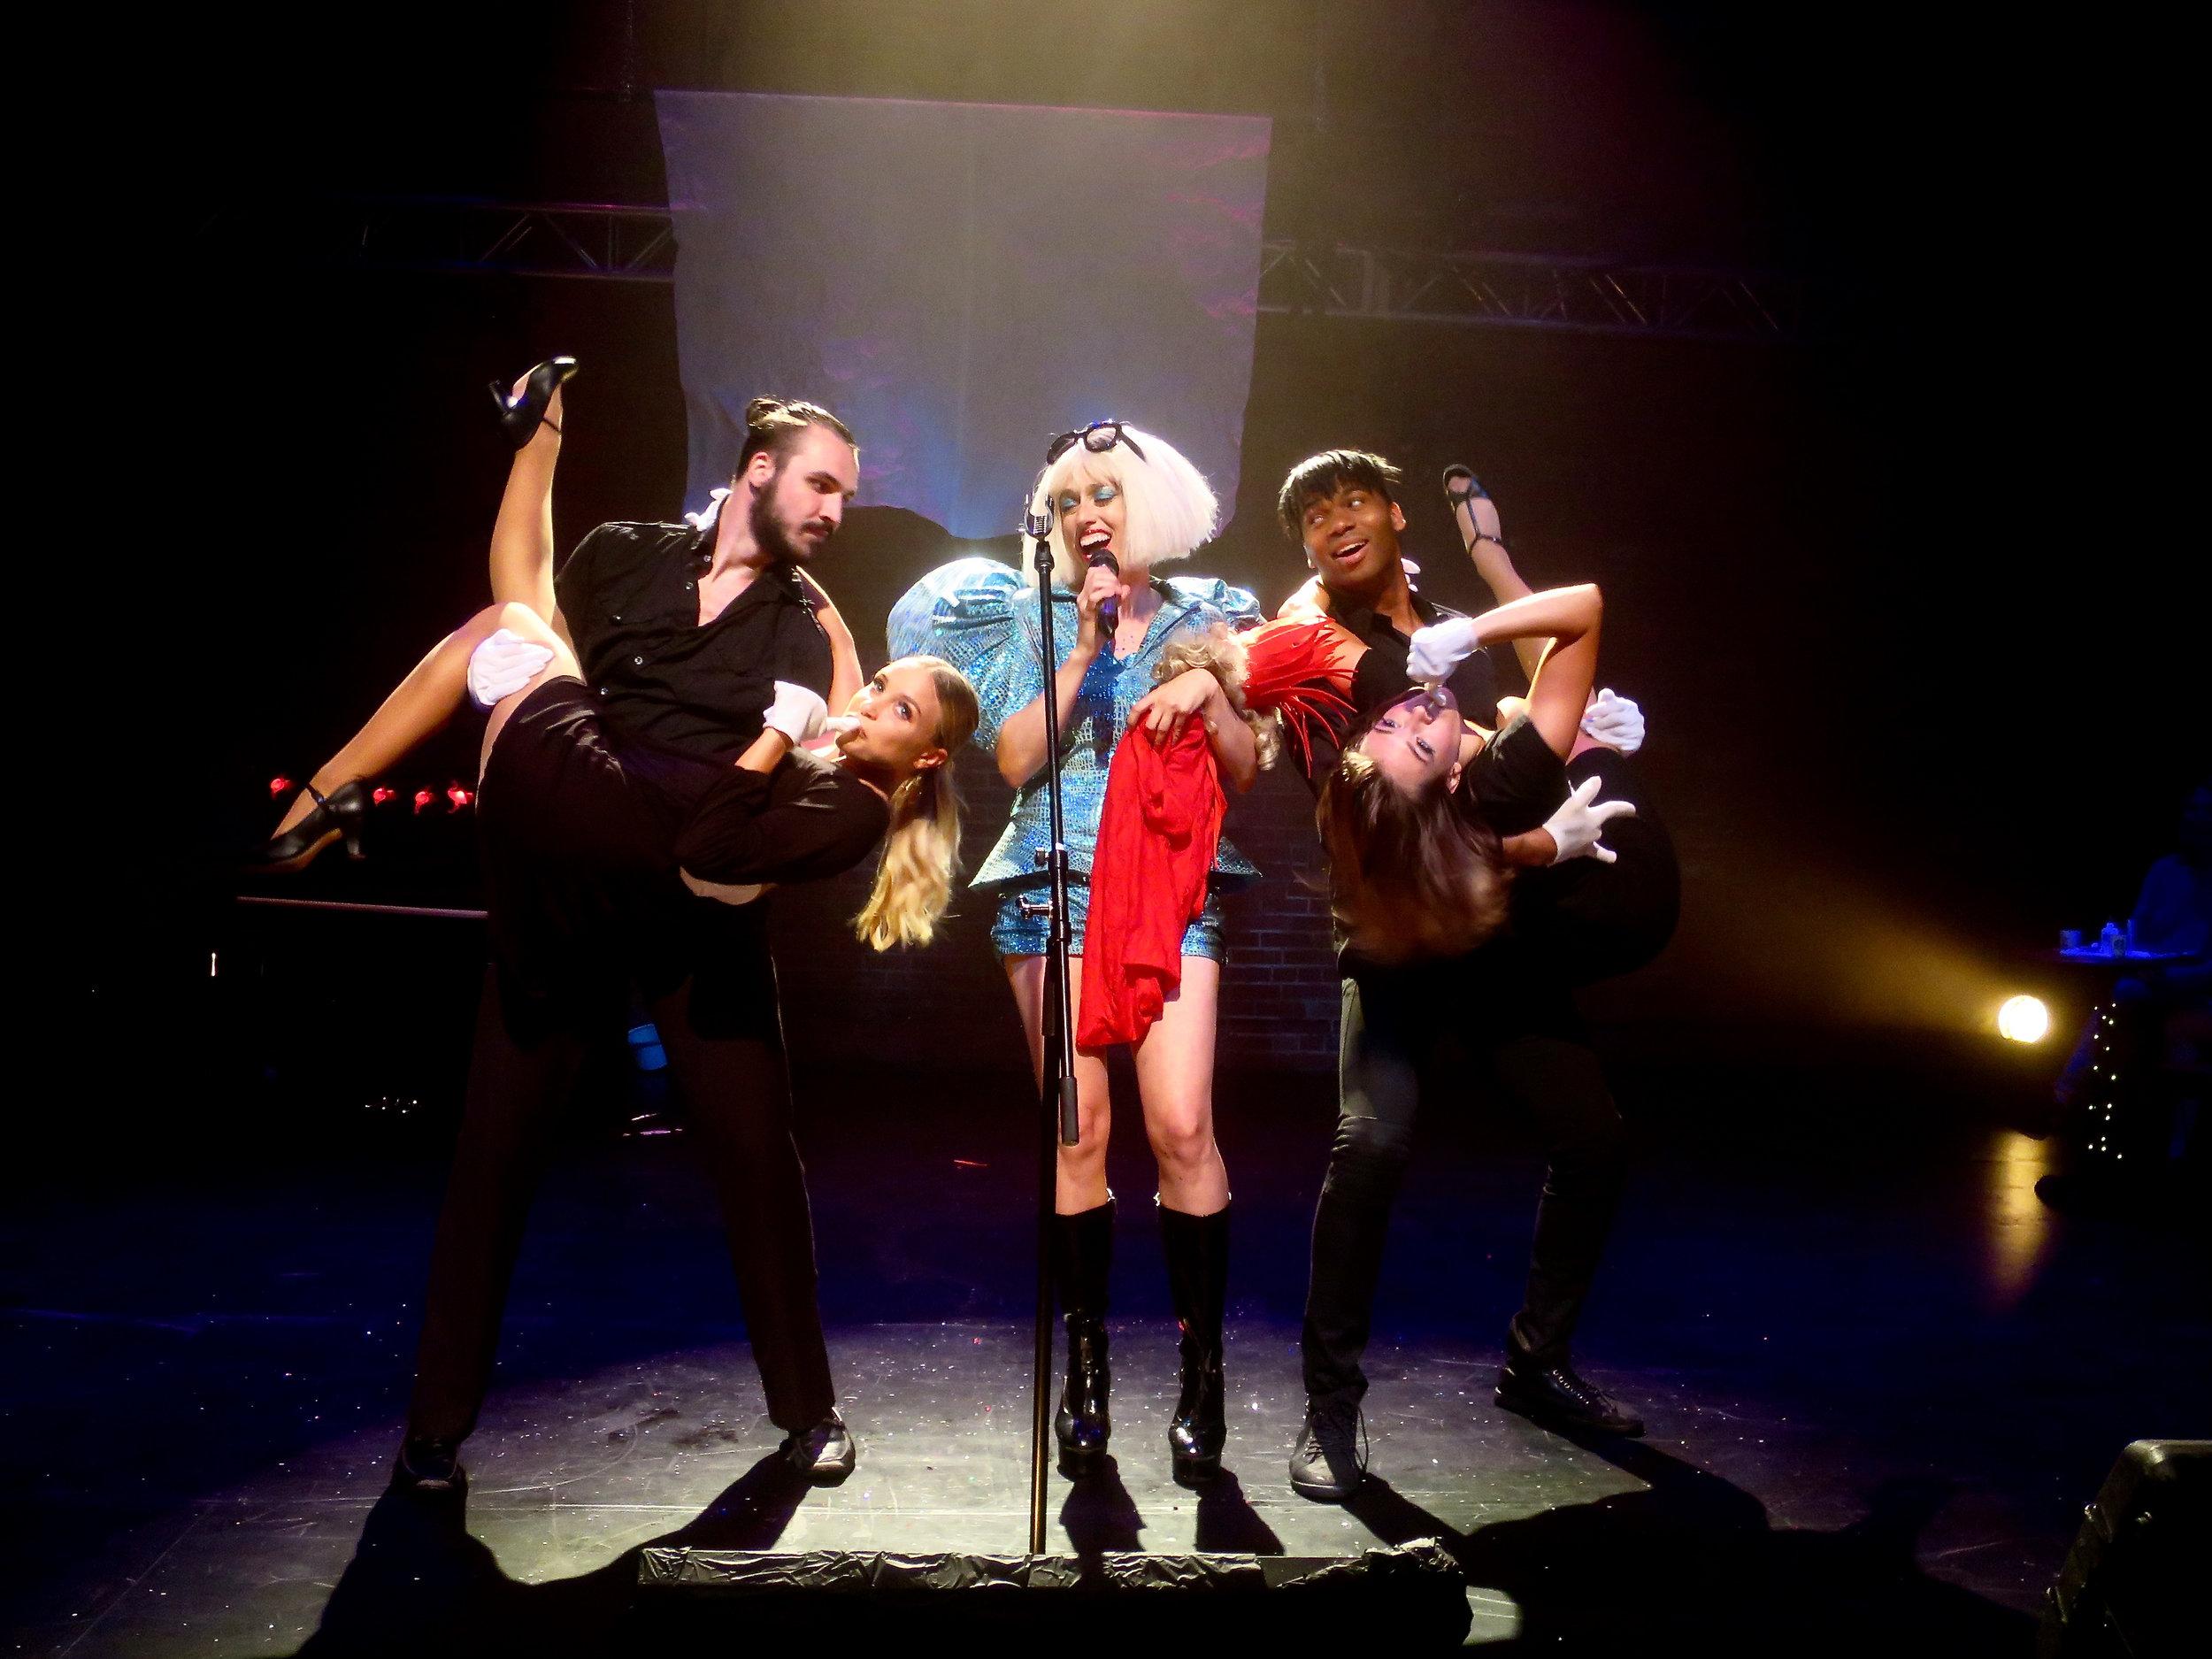 Athena in Lady Gaga: #artbirth